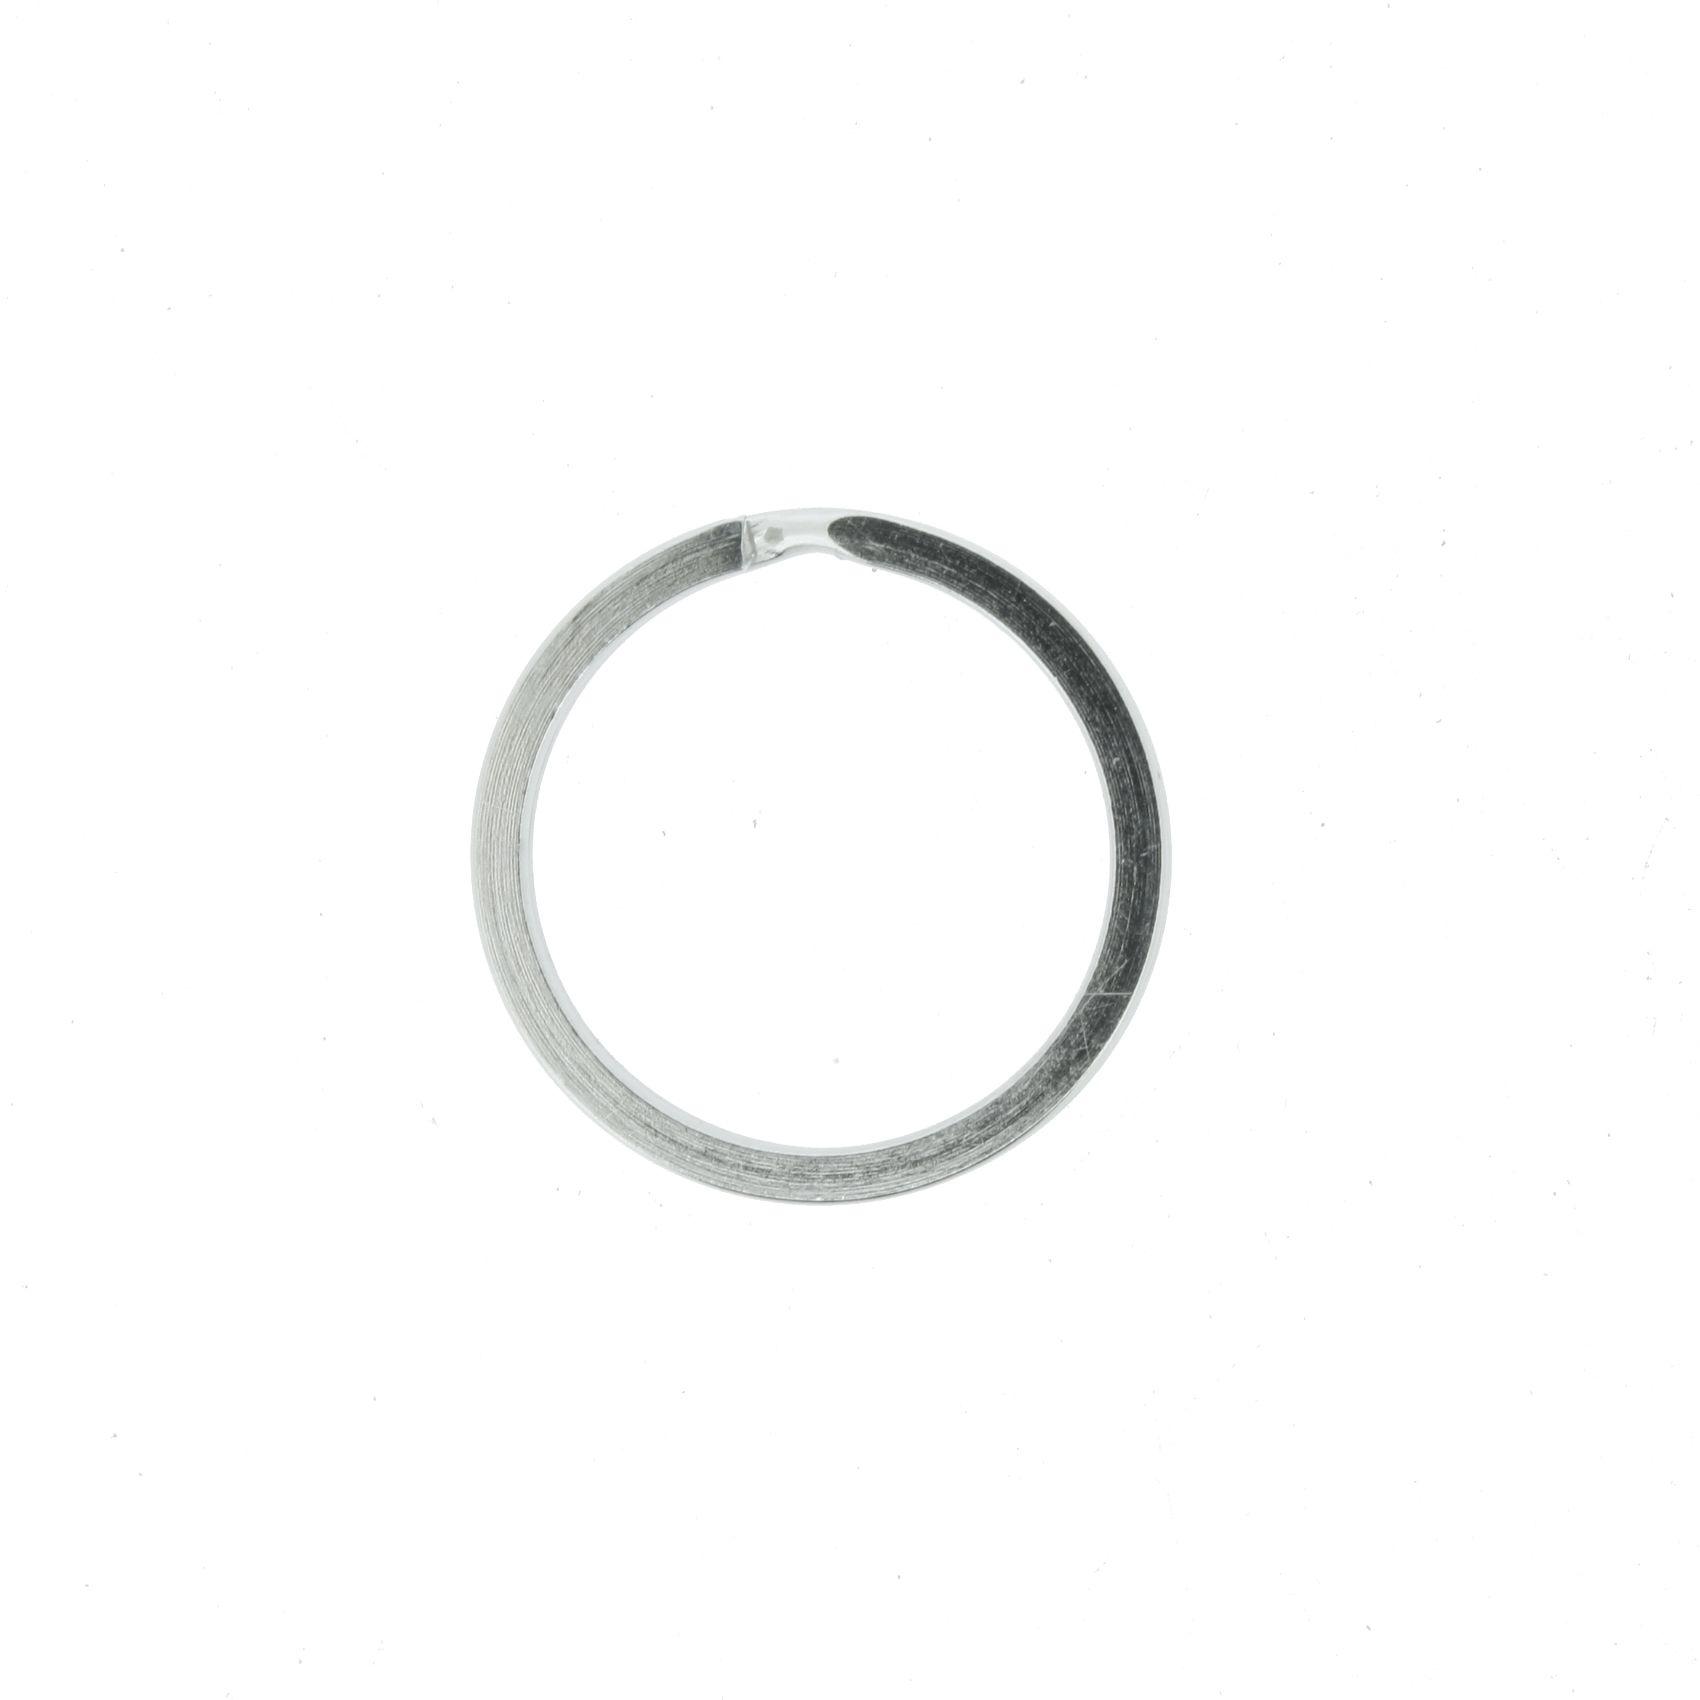 Argola p/ Chaveiro Italiana - Reforçada Níquel - 20mm  - Stéphanie Bijoux® - Peças para Bijuterias e Artesanato